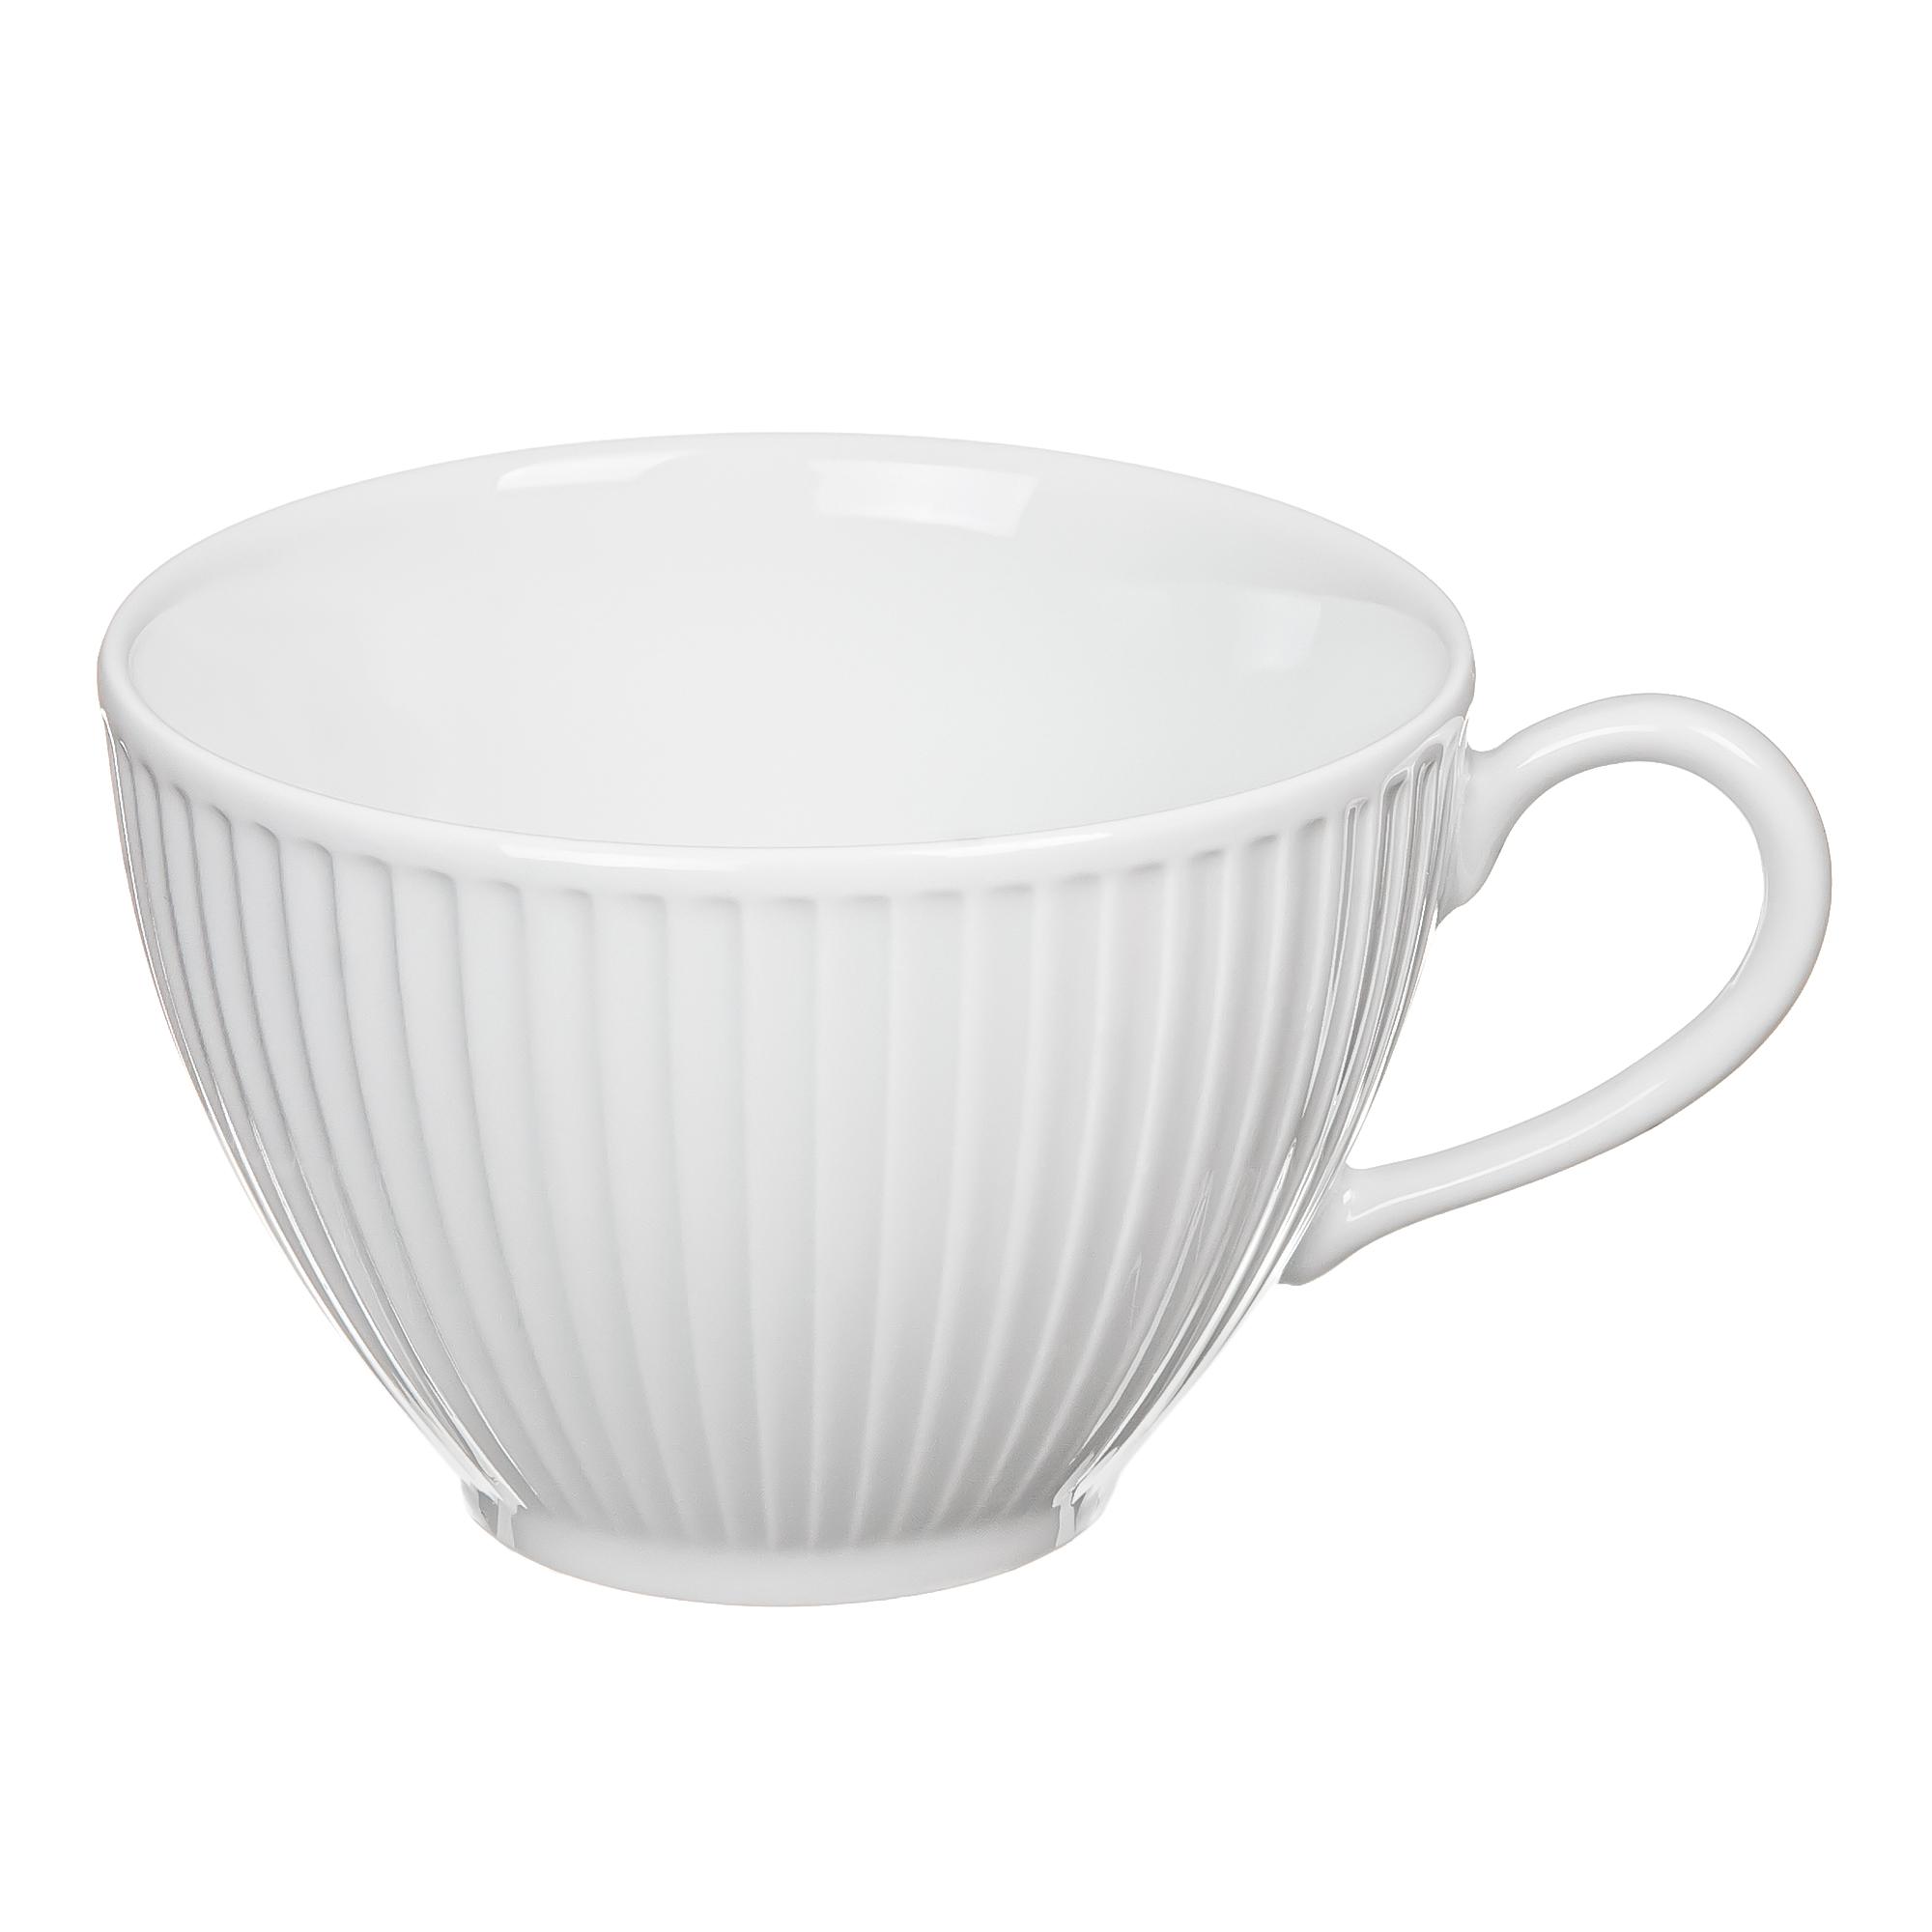 Чашка чайная plisse.290м.белая. PorcelaИндияe Du Reussy 514229BL1